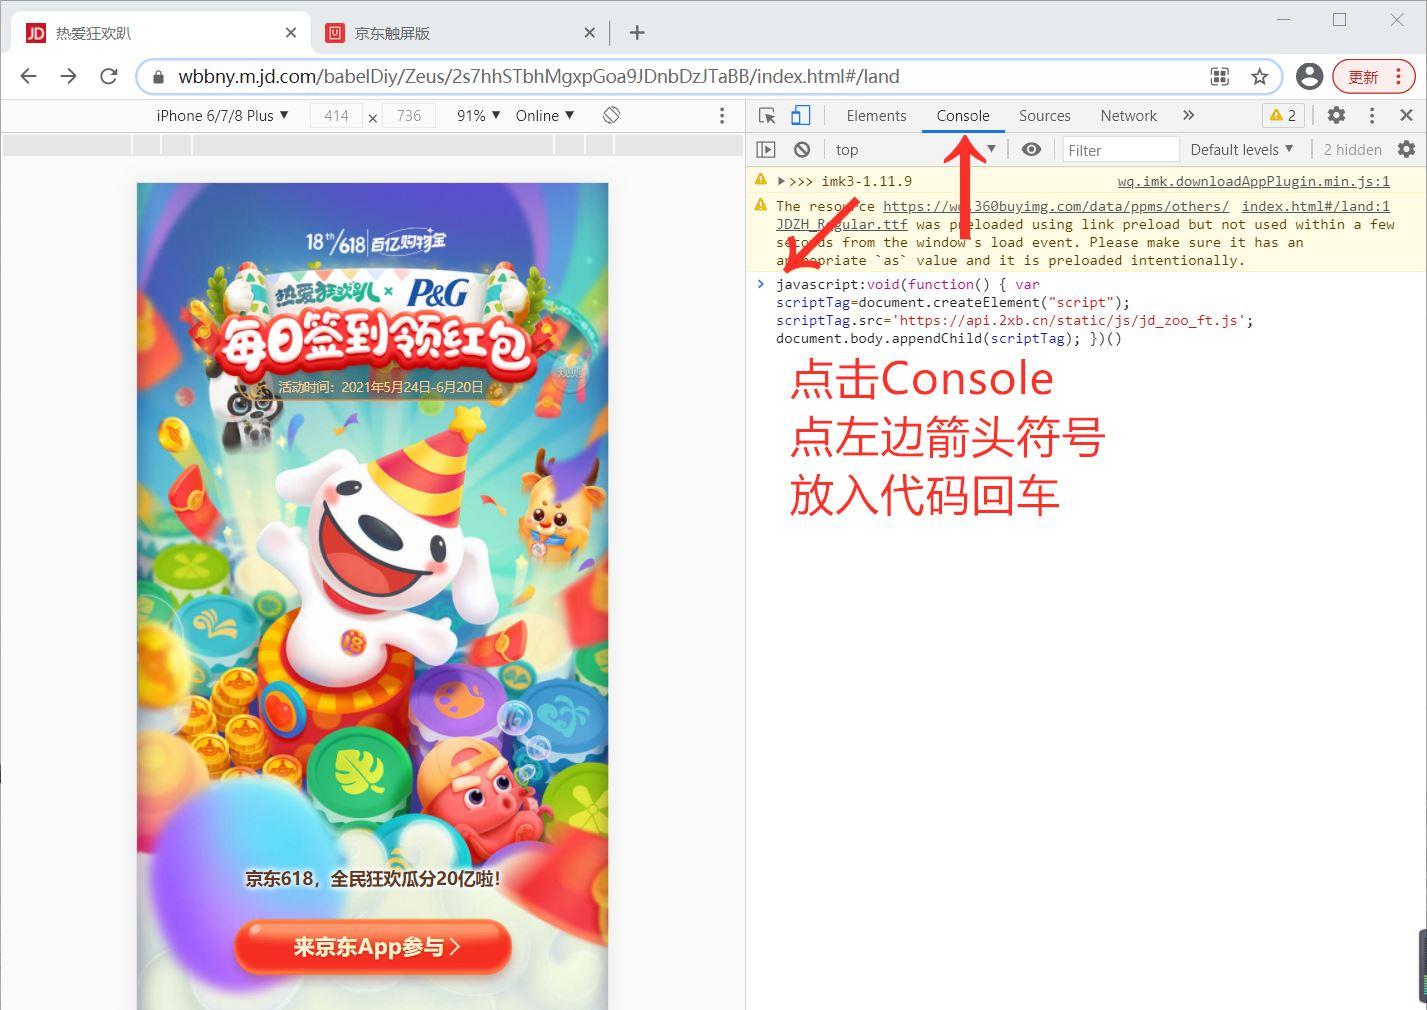 京东热爱狂欢趴网页版脚本-第2张图片